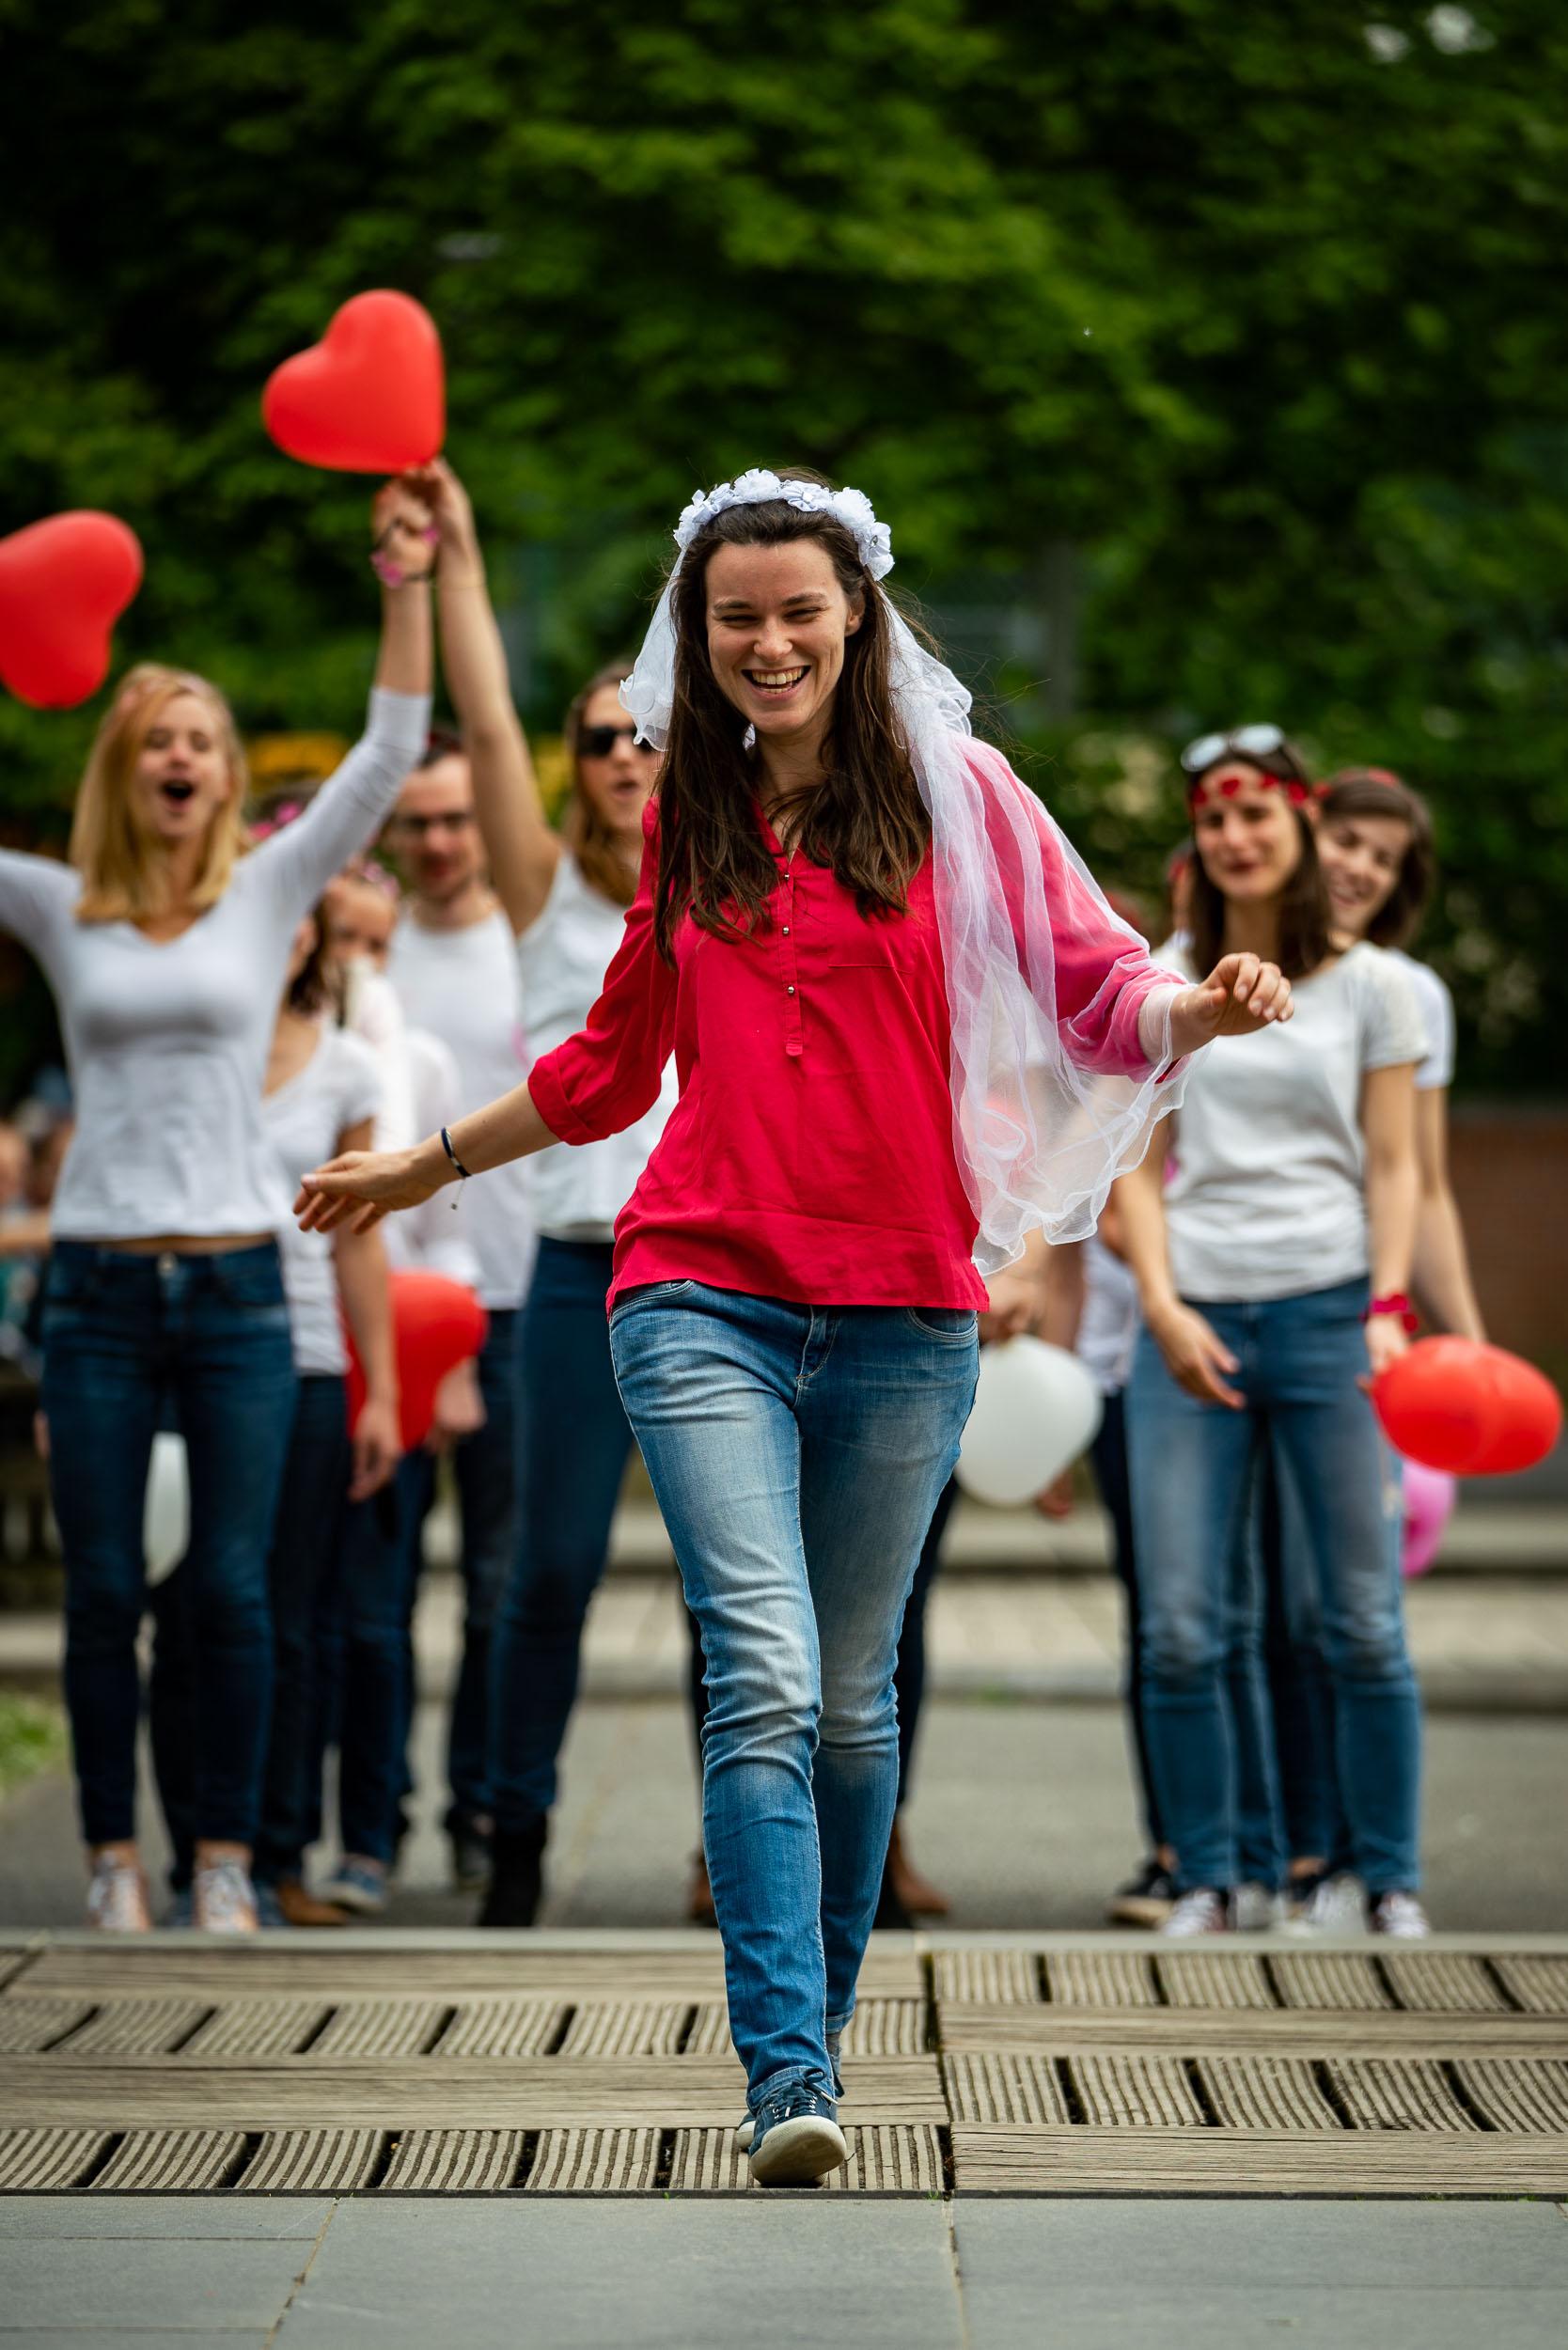 Enterrement de vie de jeune fille, EVJF, à Namur